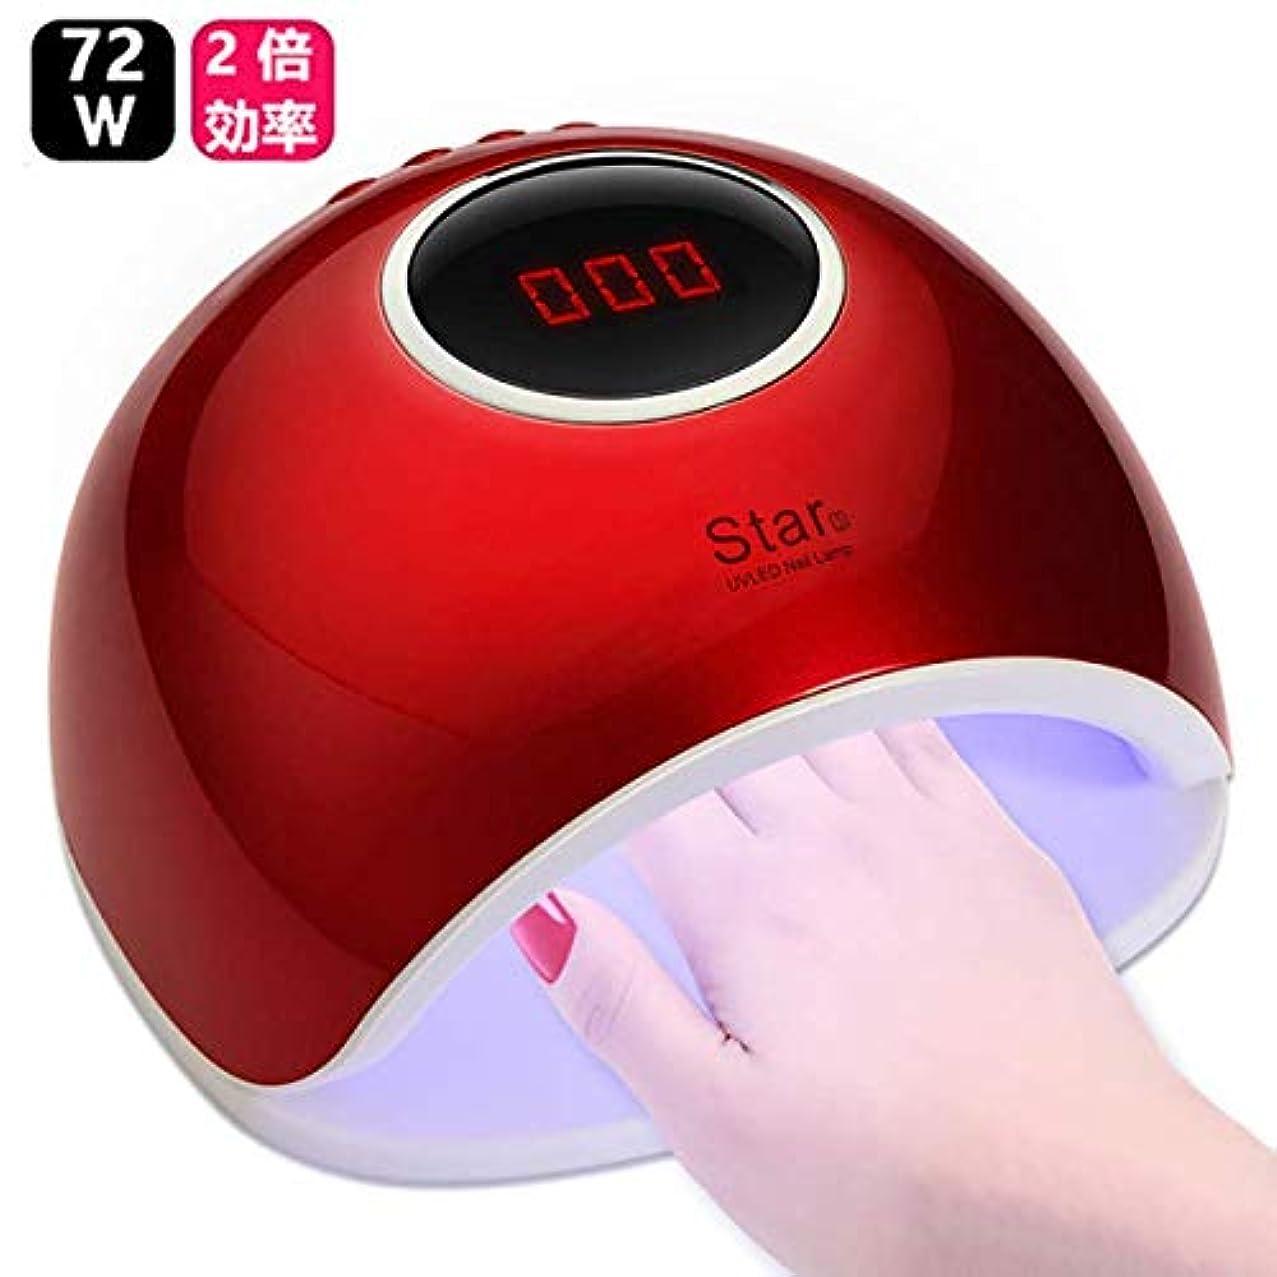 世代柱あごひげUV LEDネイルドライヤー 赤外線検知 72W2倍の効率 赤外線美白機能付き マニキュア用 4段階タイマー設定可能 手足兼用 (レッド)